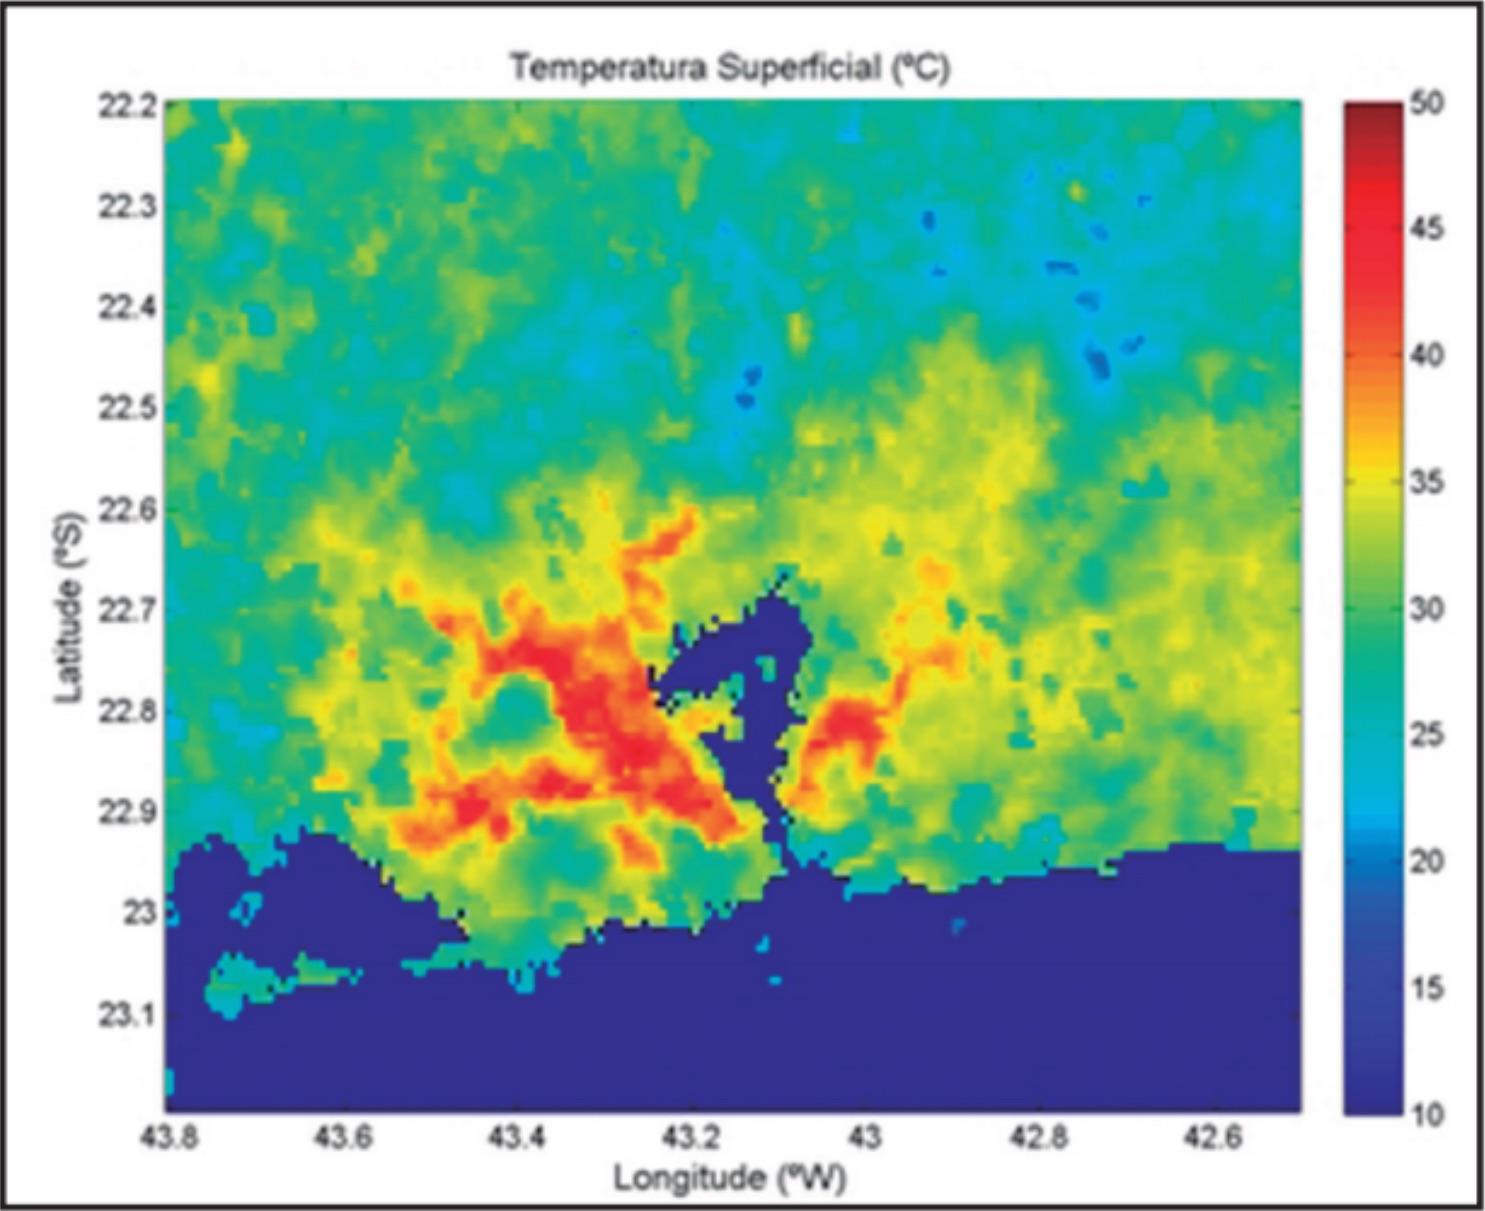 Média da temperatura Superficial Continental no verão no 16:00 UTC (13:00, horário do Rio).